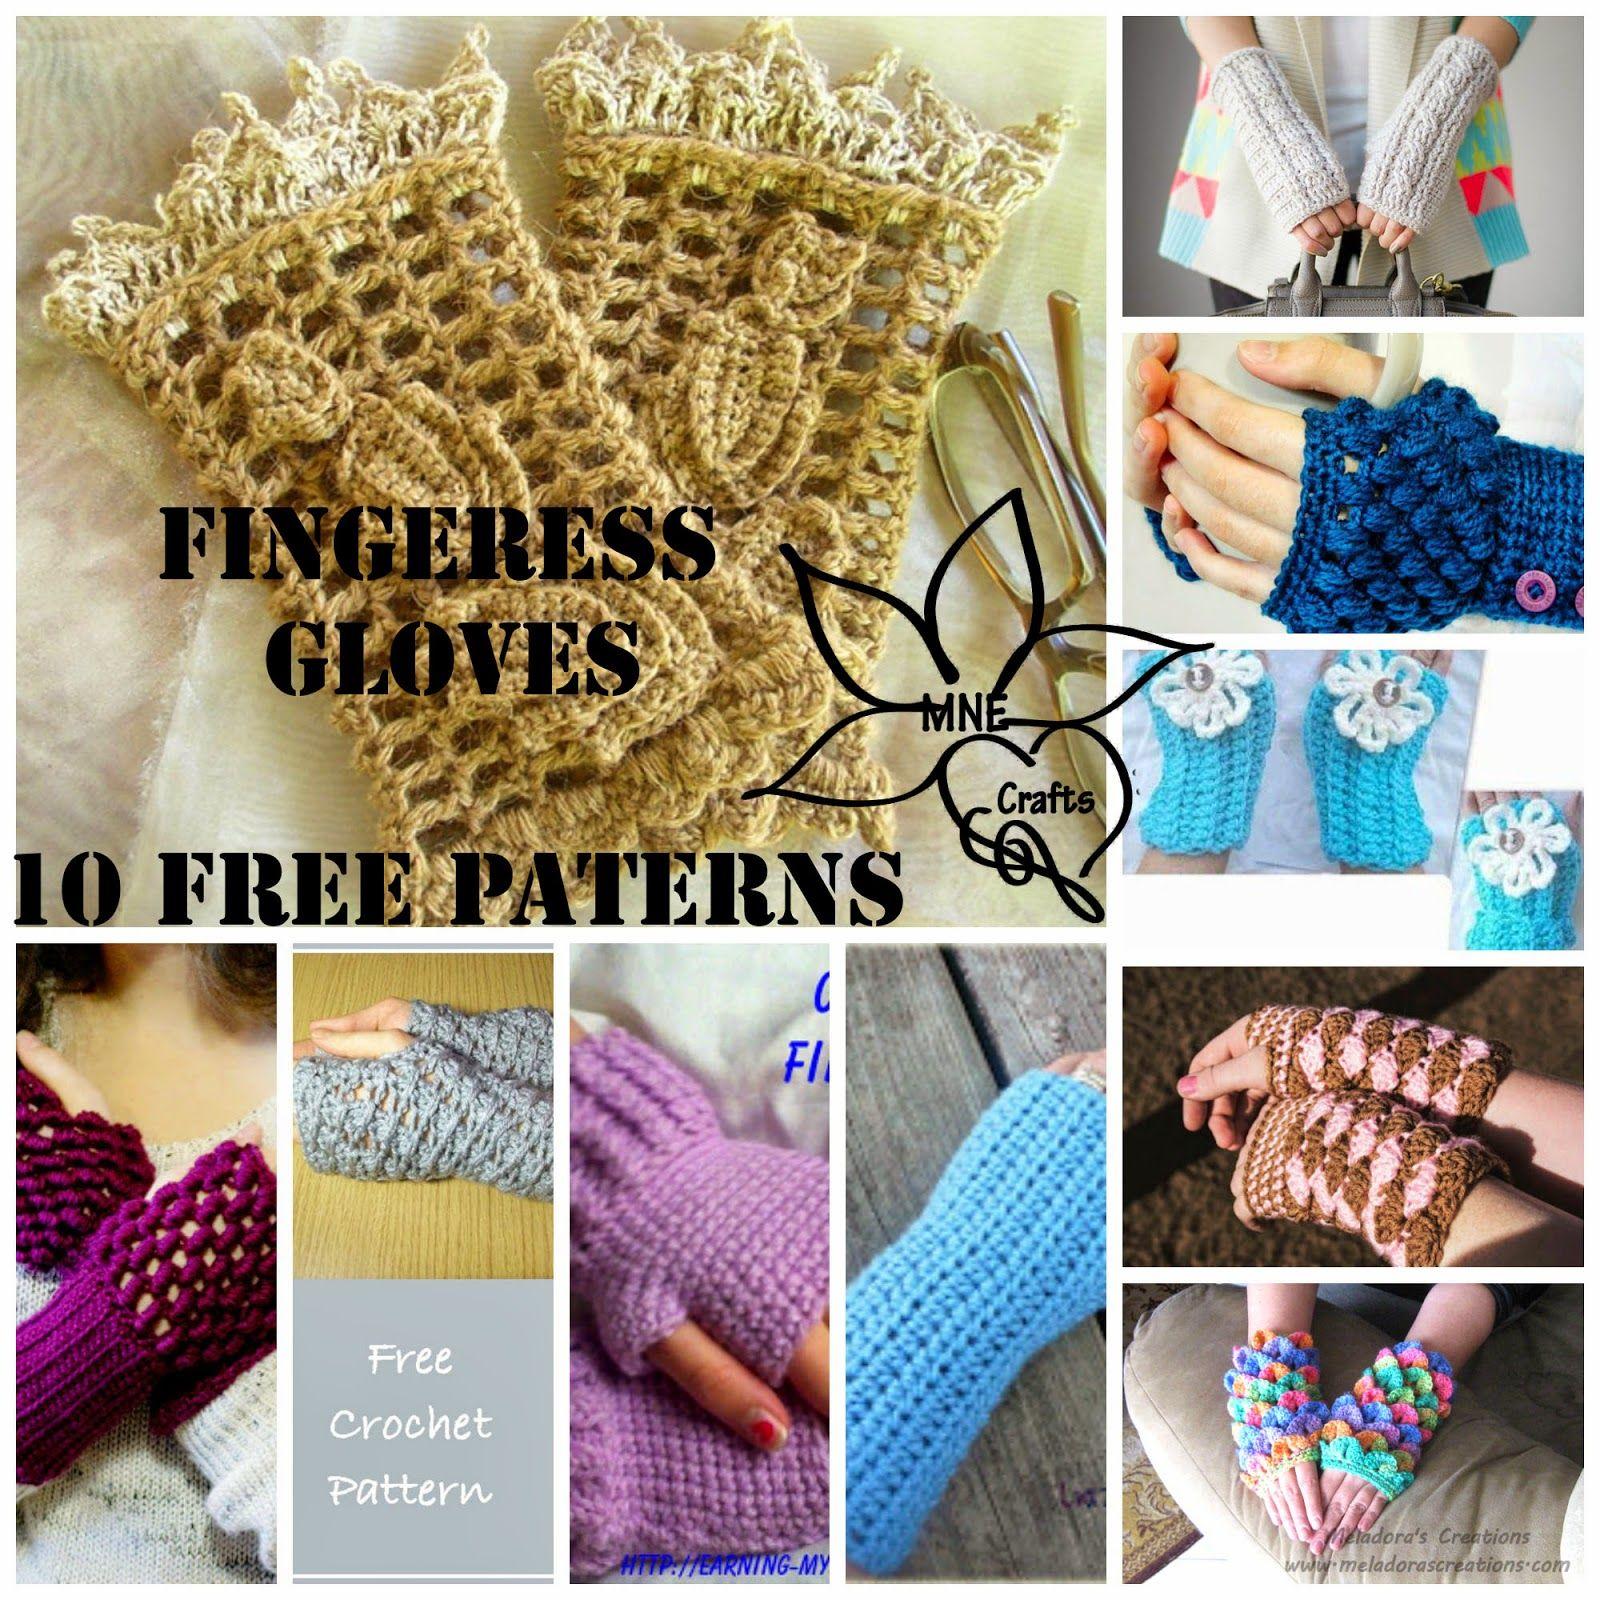 MNE Crafts: Fingerless Gloves Round Up - 10 Free Patterns | hands ...